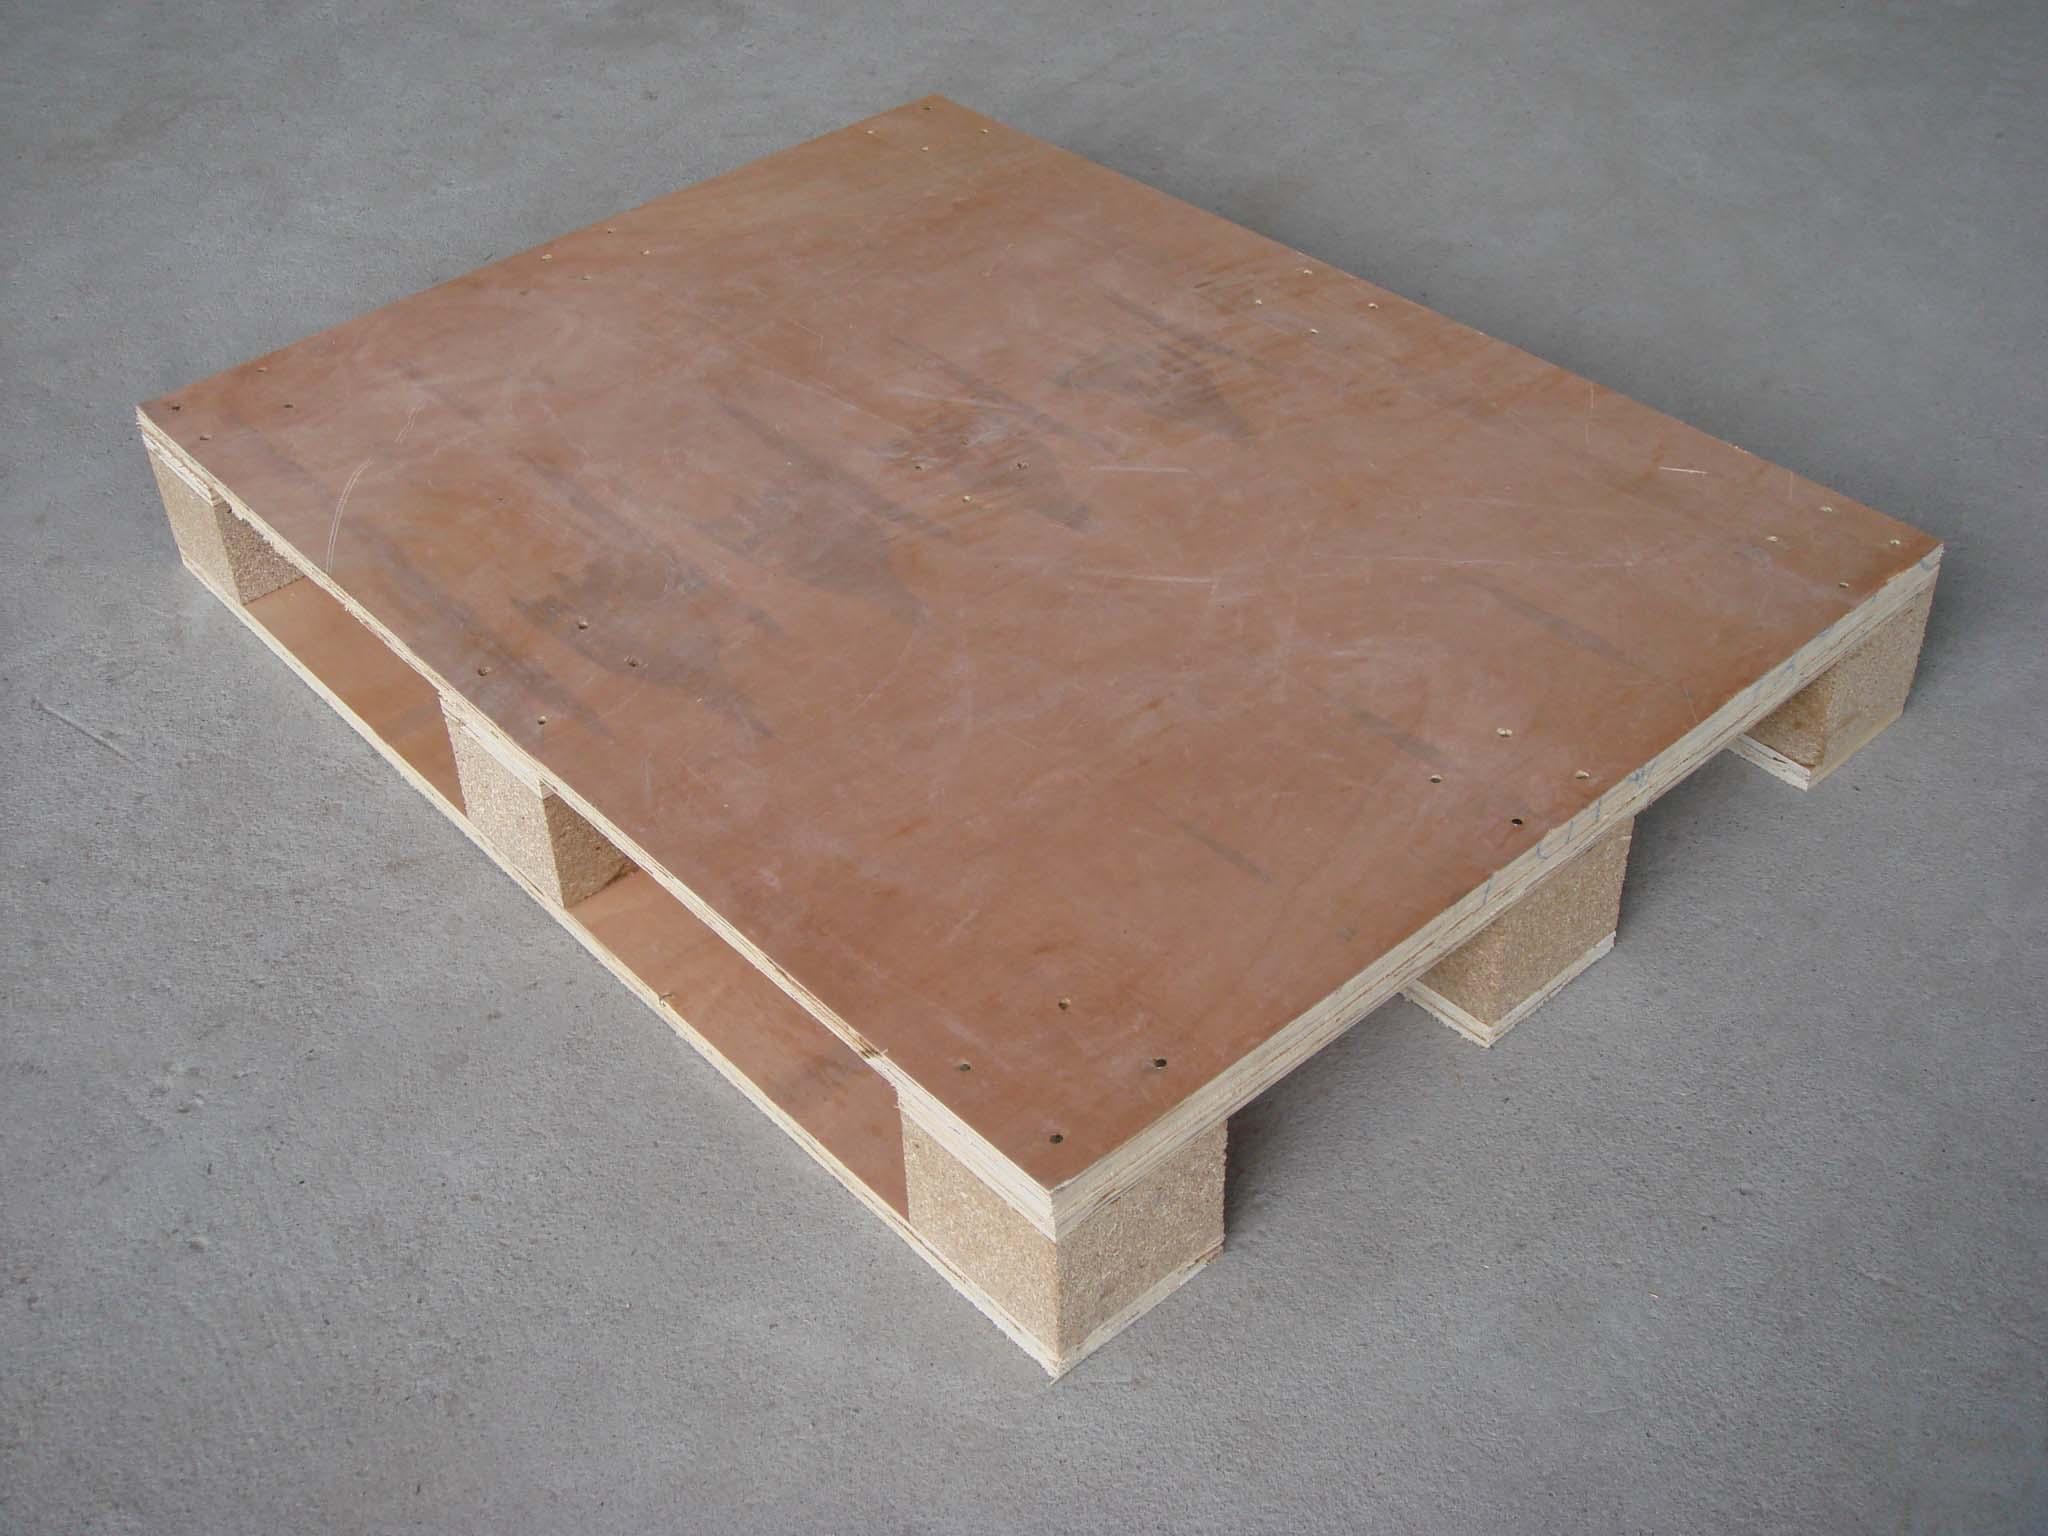 木栈板厂-厦门木栈板生产厂家-厦门木栈板批发